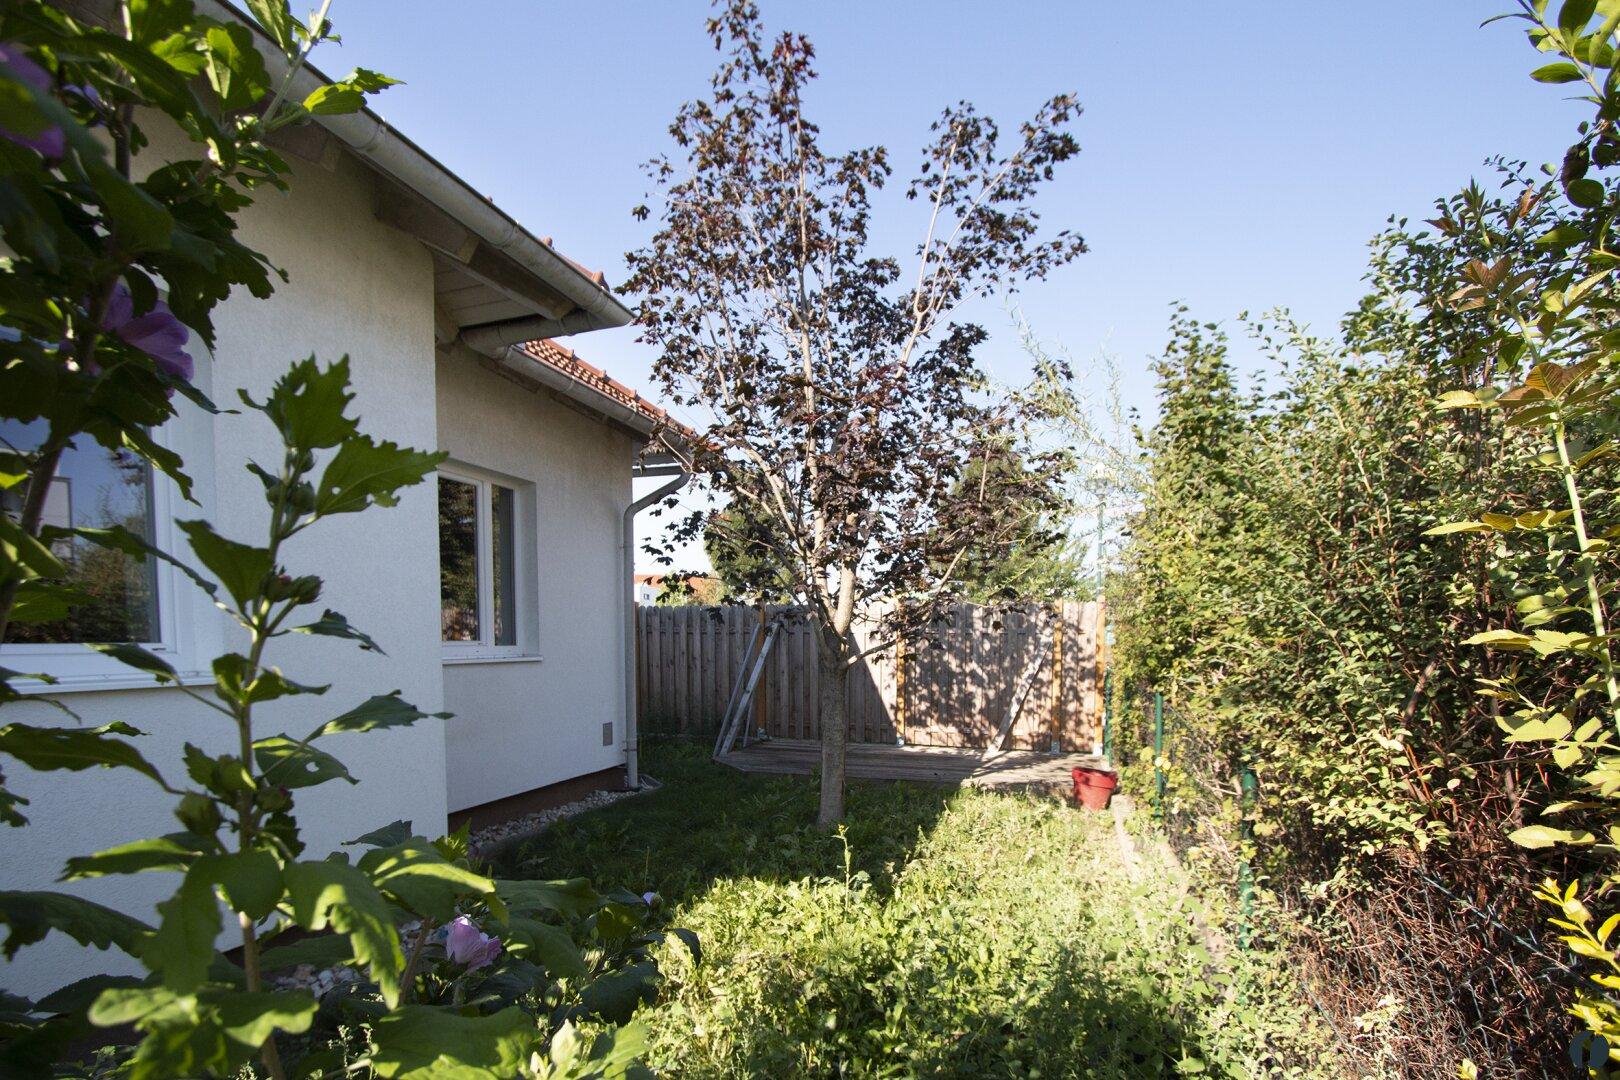 geschützter Garten hinter dem Haus